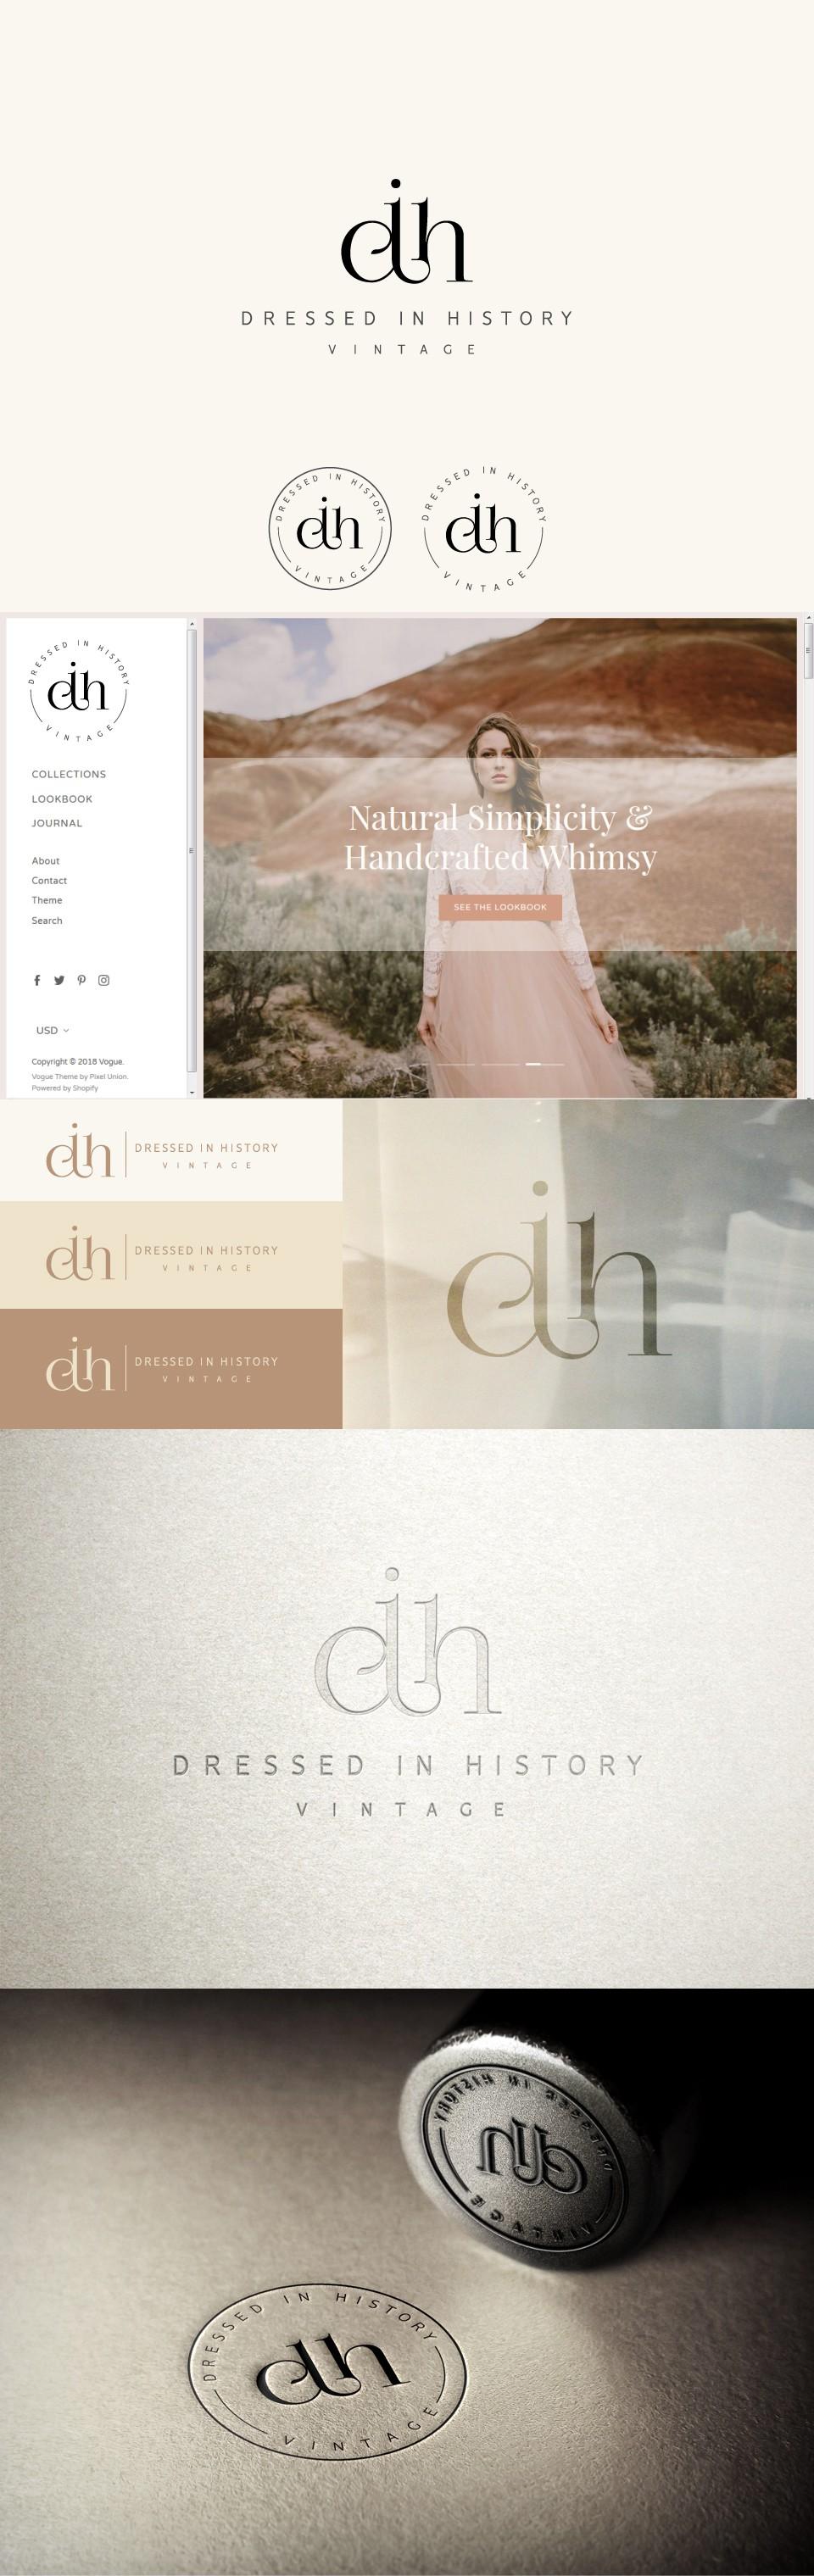 New online vintage boutique seeks elegant brand design and logo